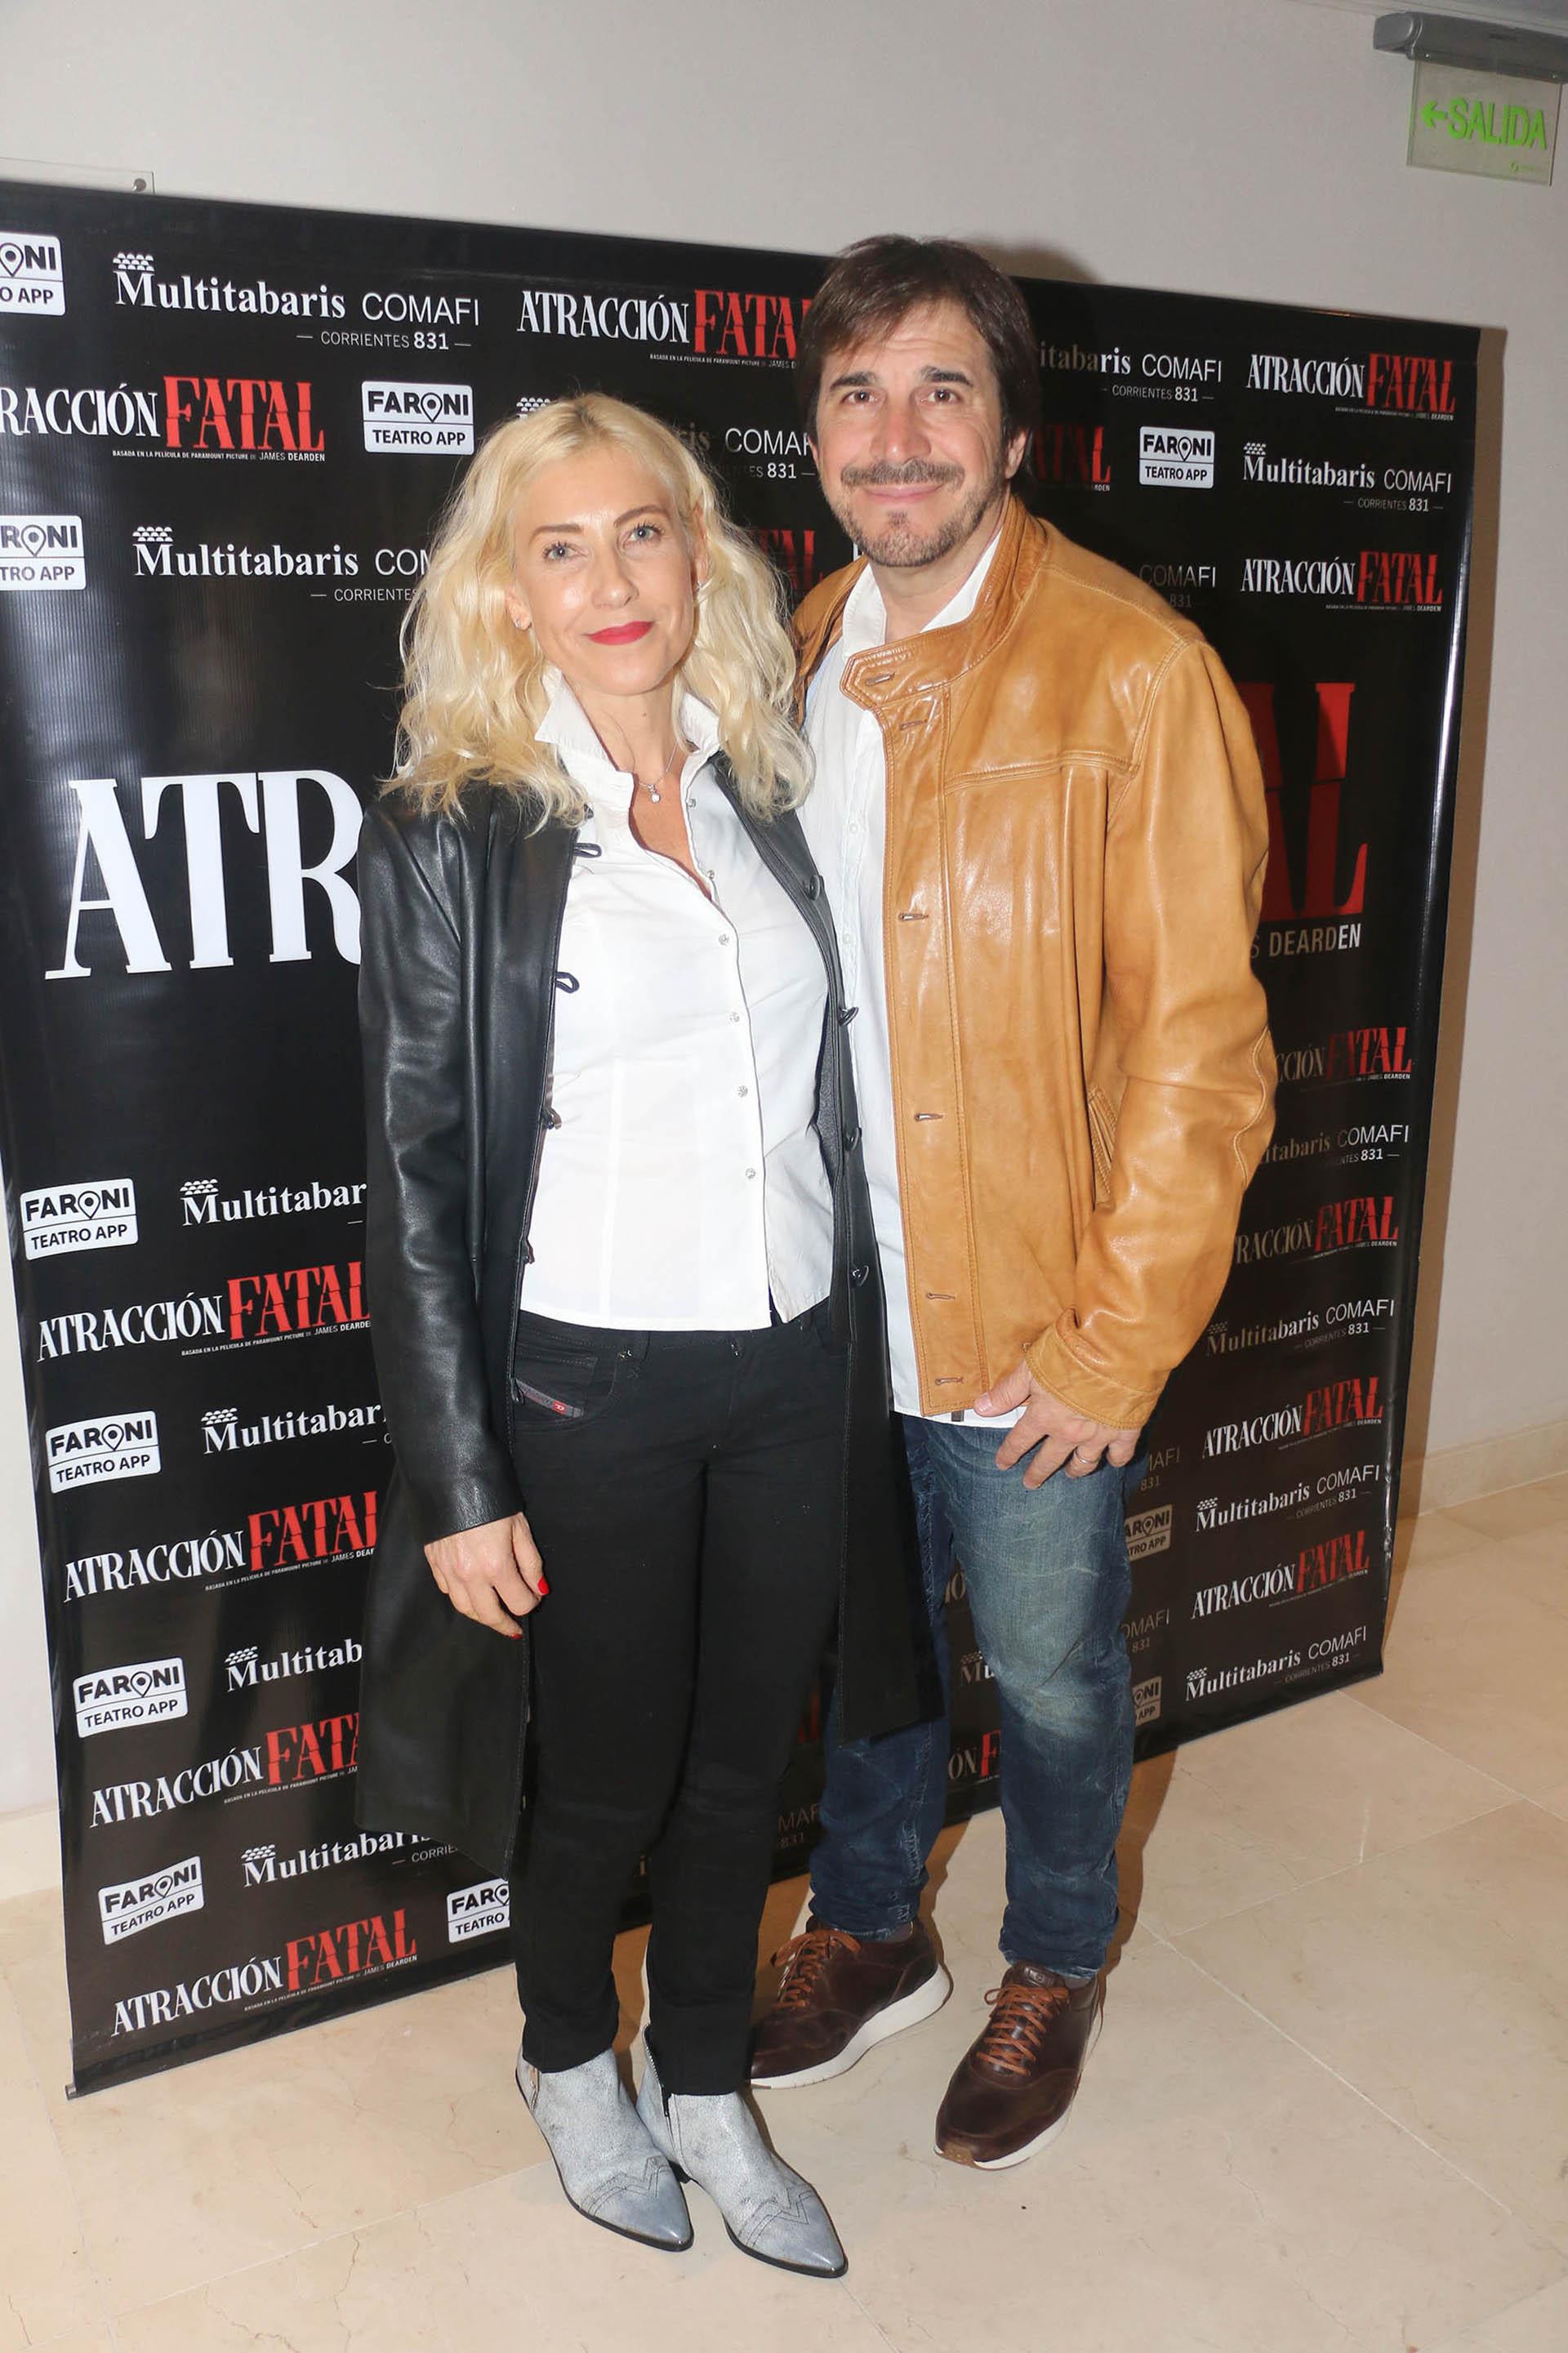 Javier Faroni y su mujer